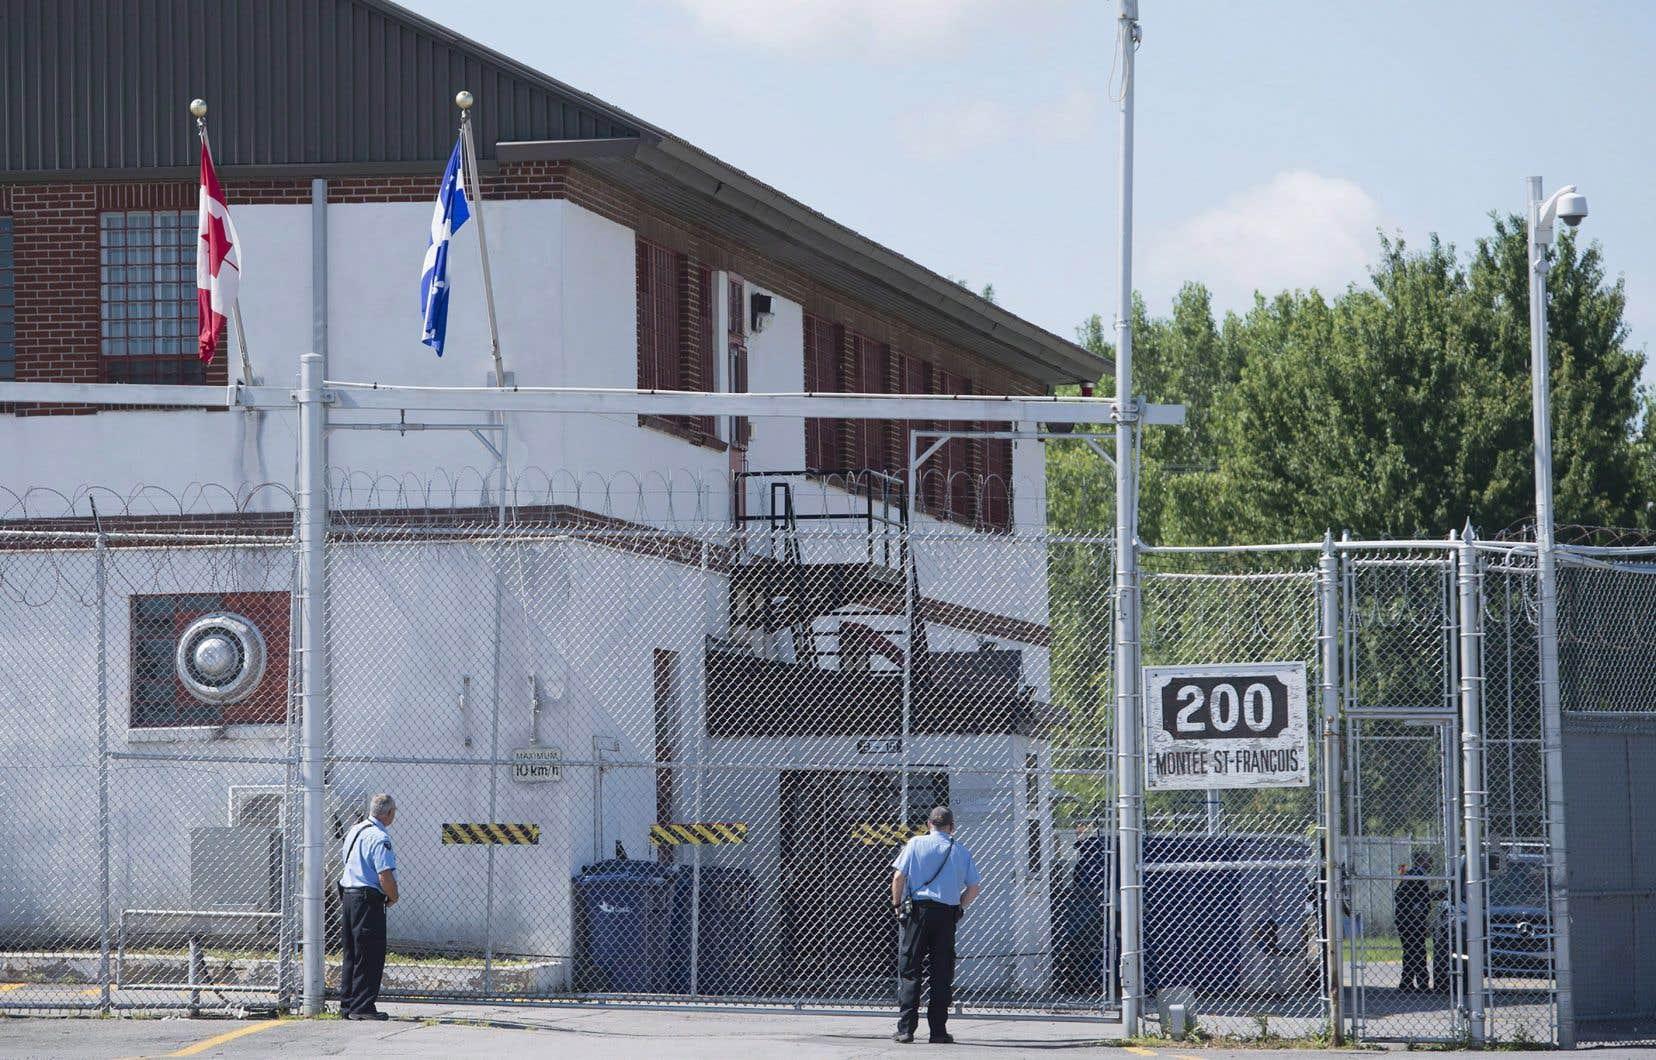 Aucun cas de coronavirus n'a été déclaré pour le moment au Centre de surveillance de l'immigration de Laval, mais les détenus ont peur que le virus réussisse à entrer dans le centre.